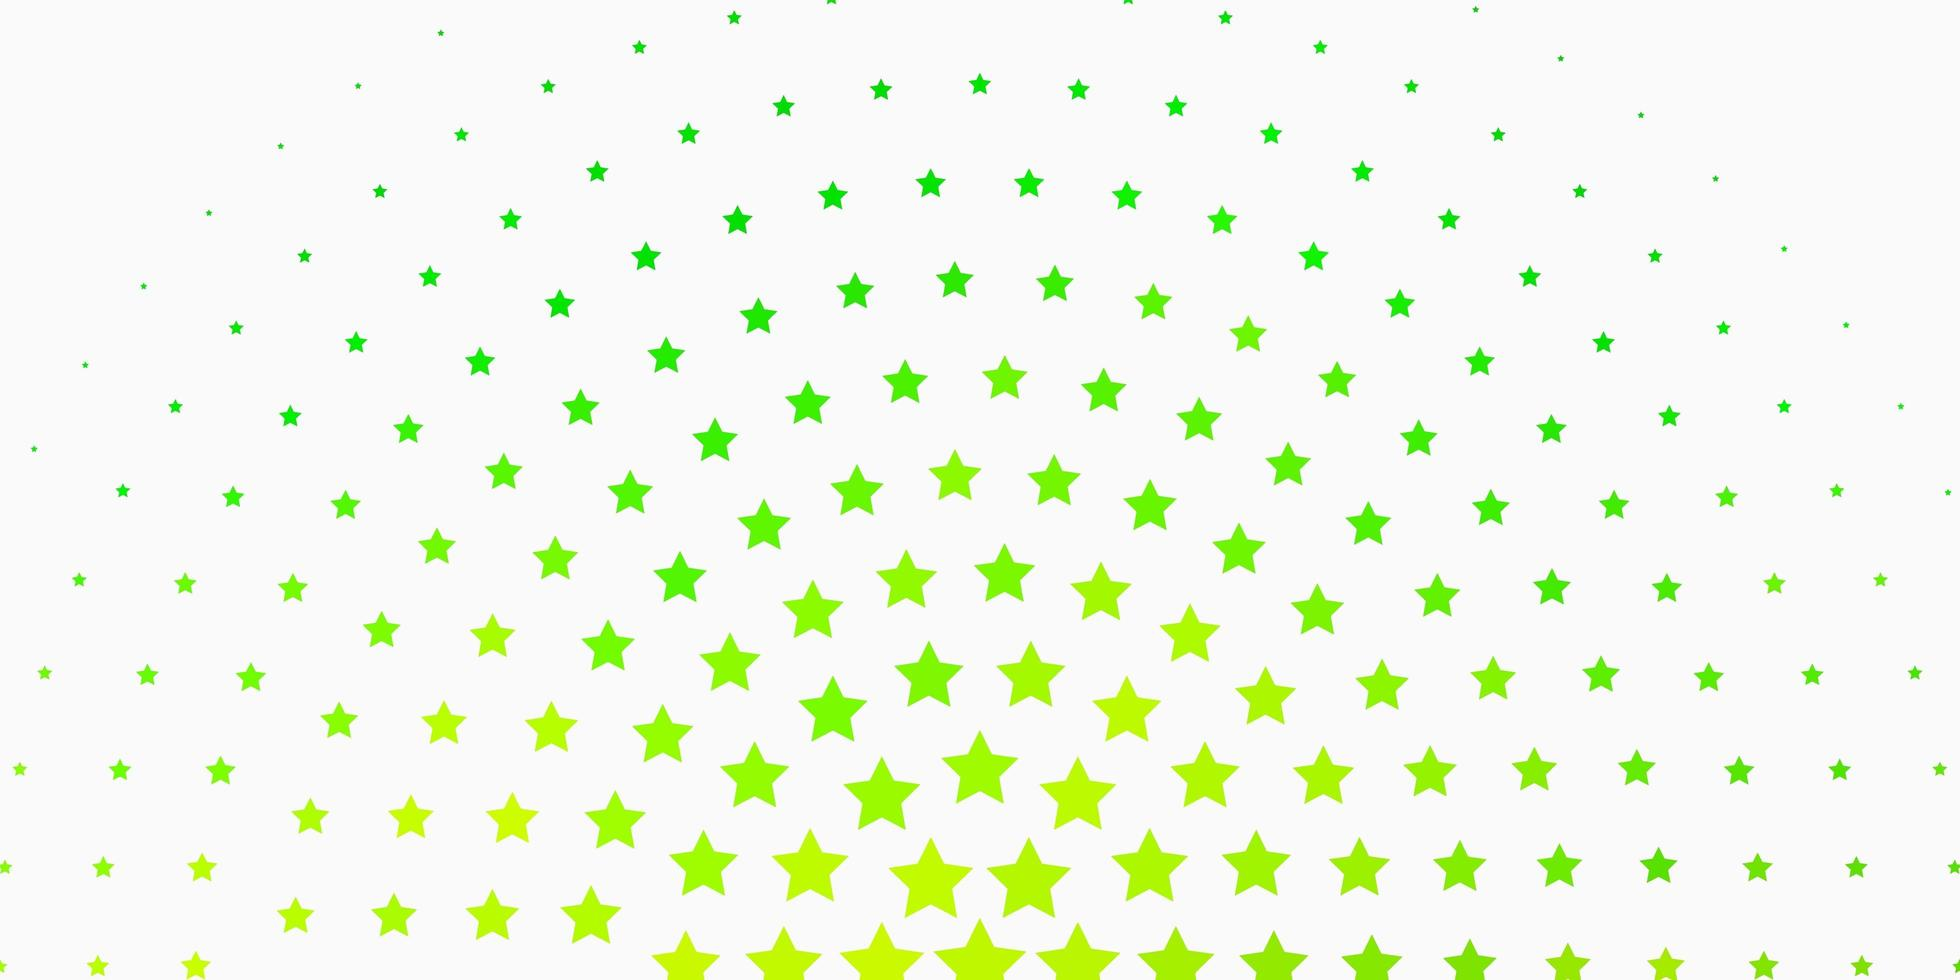 hellgrüner Hintergrund mit bunten Sternen. vektor